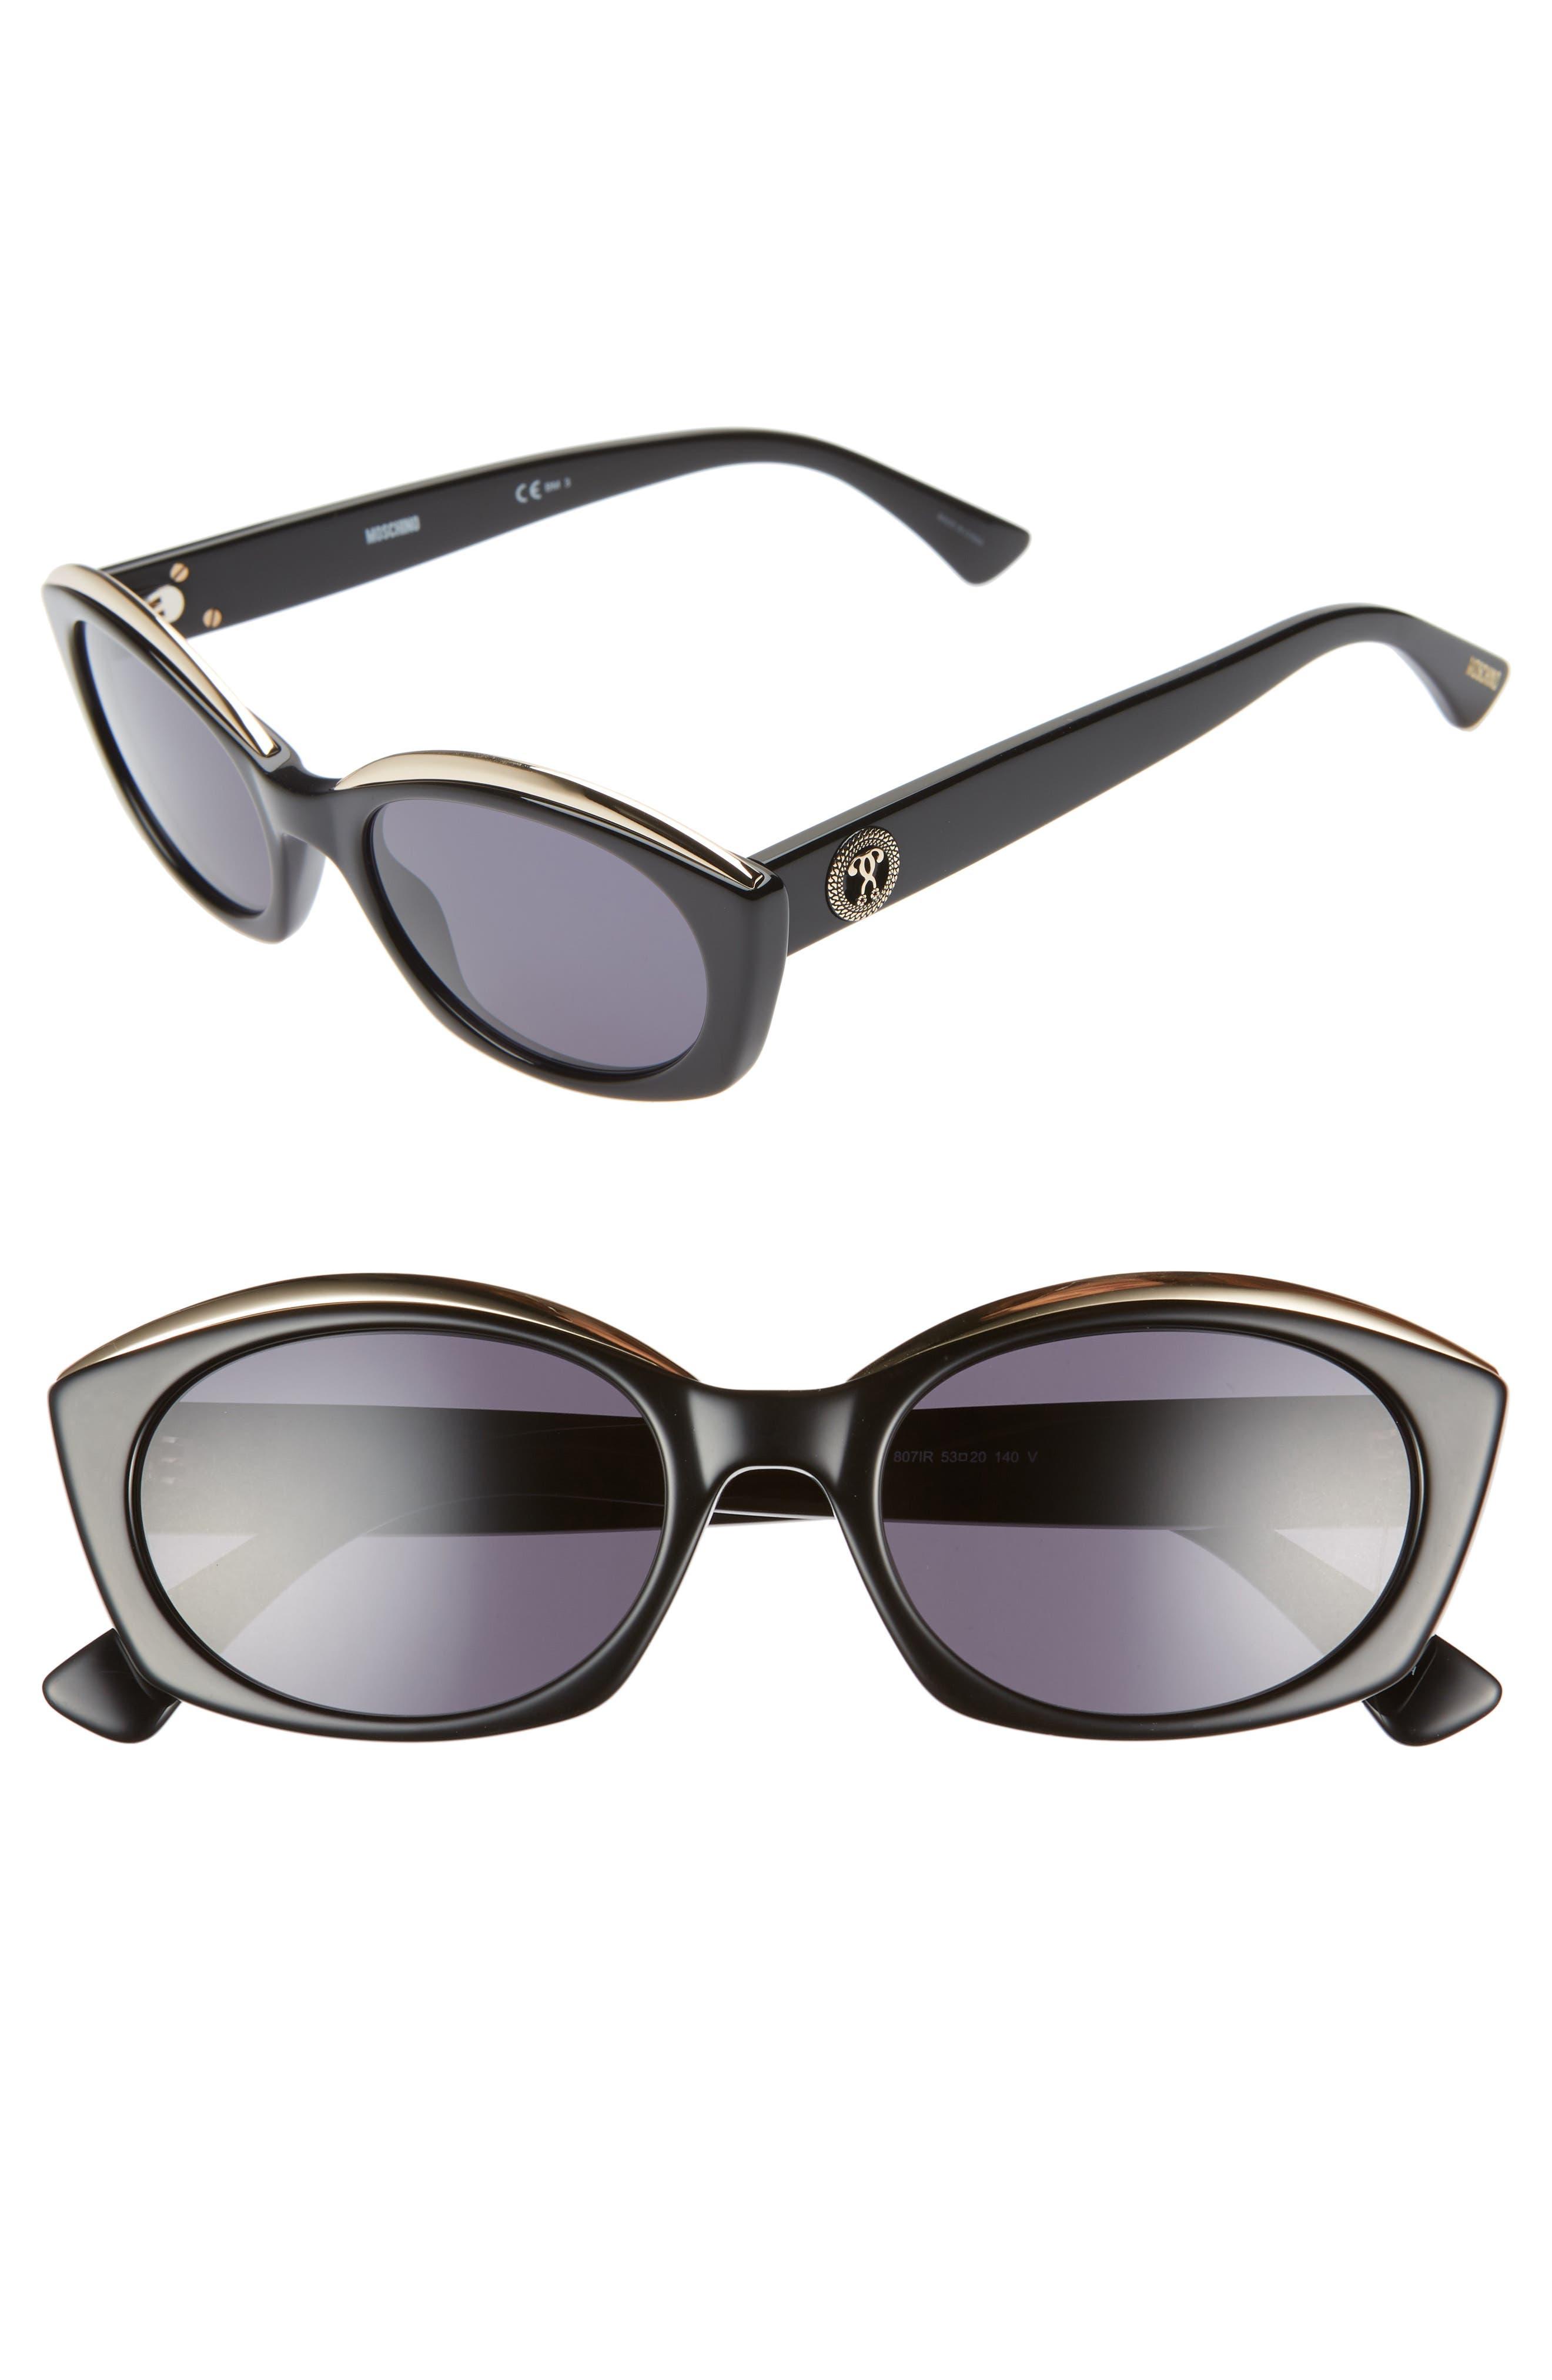 Core 53mm Oval Sunglasses, Main, color, BLACK